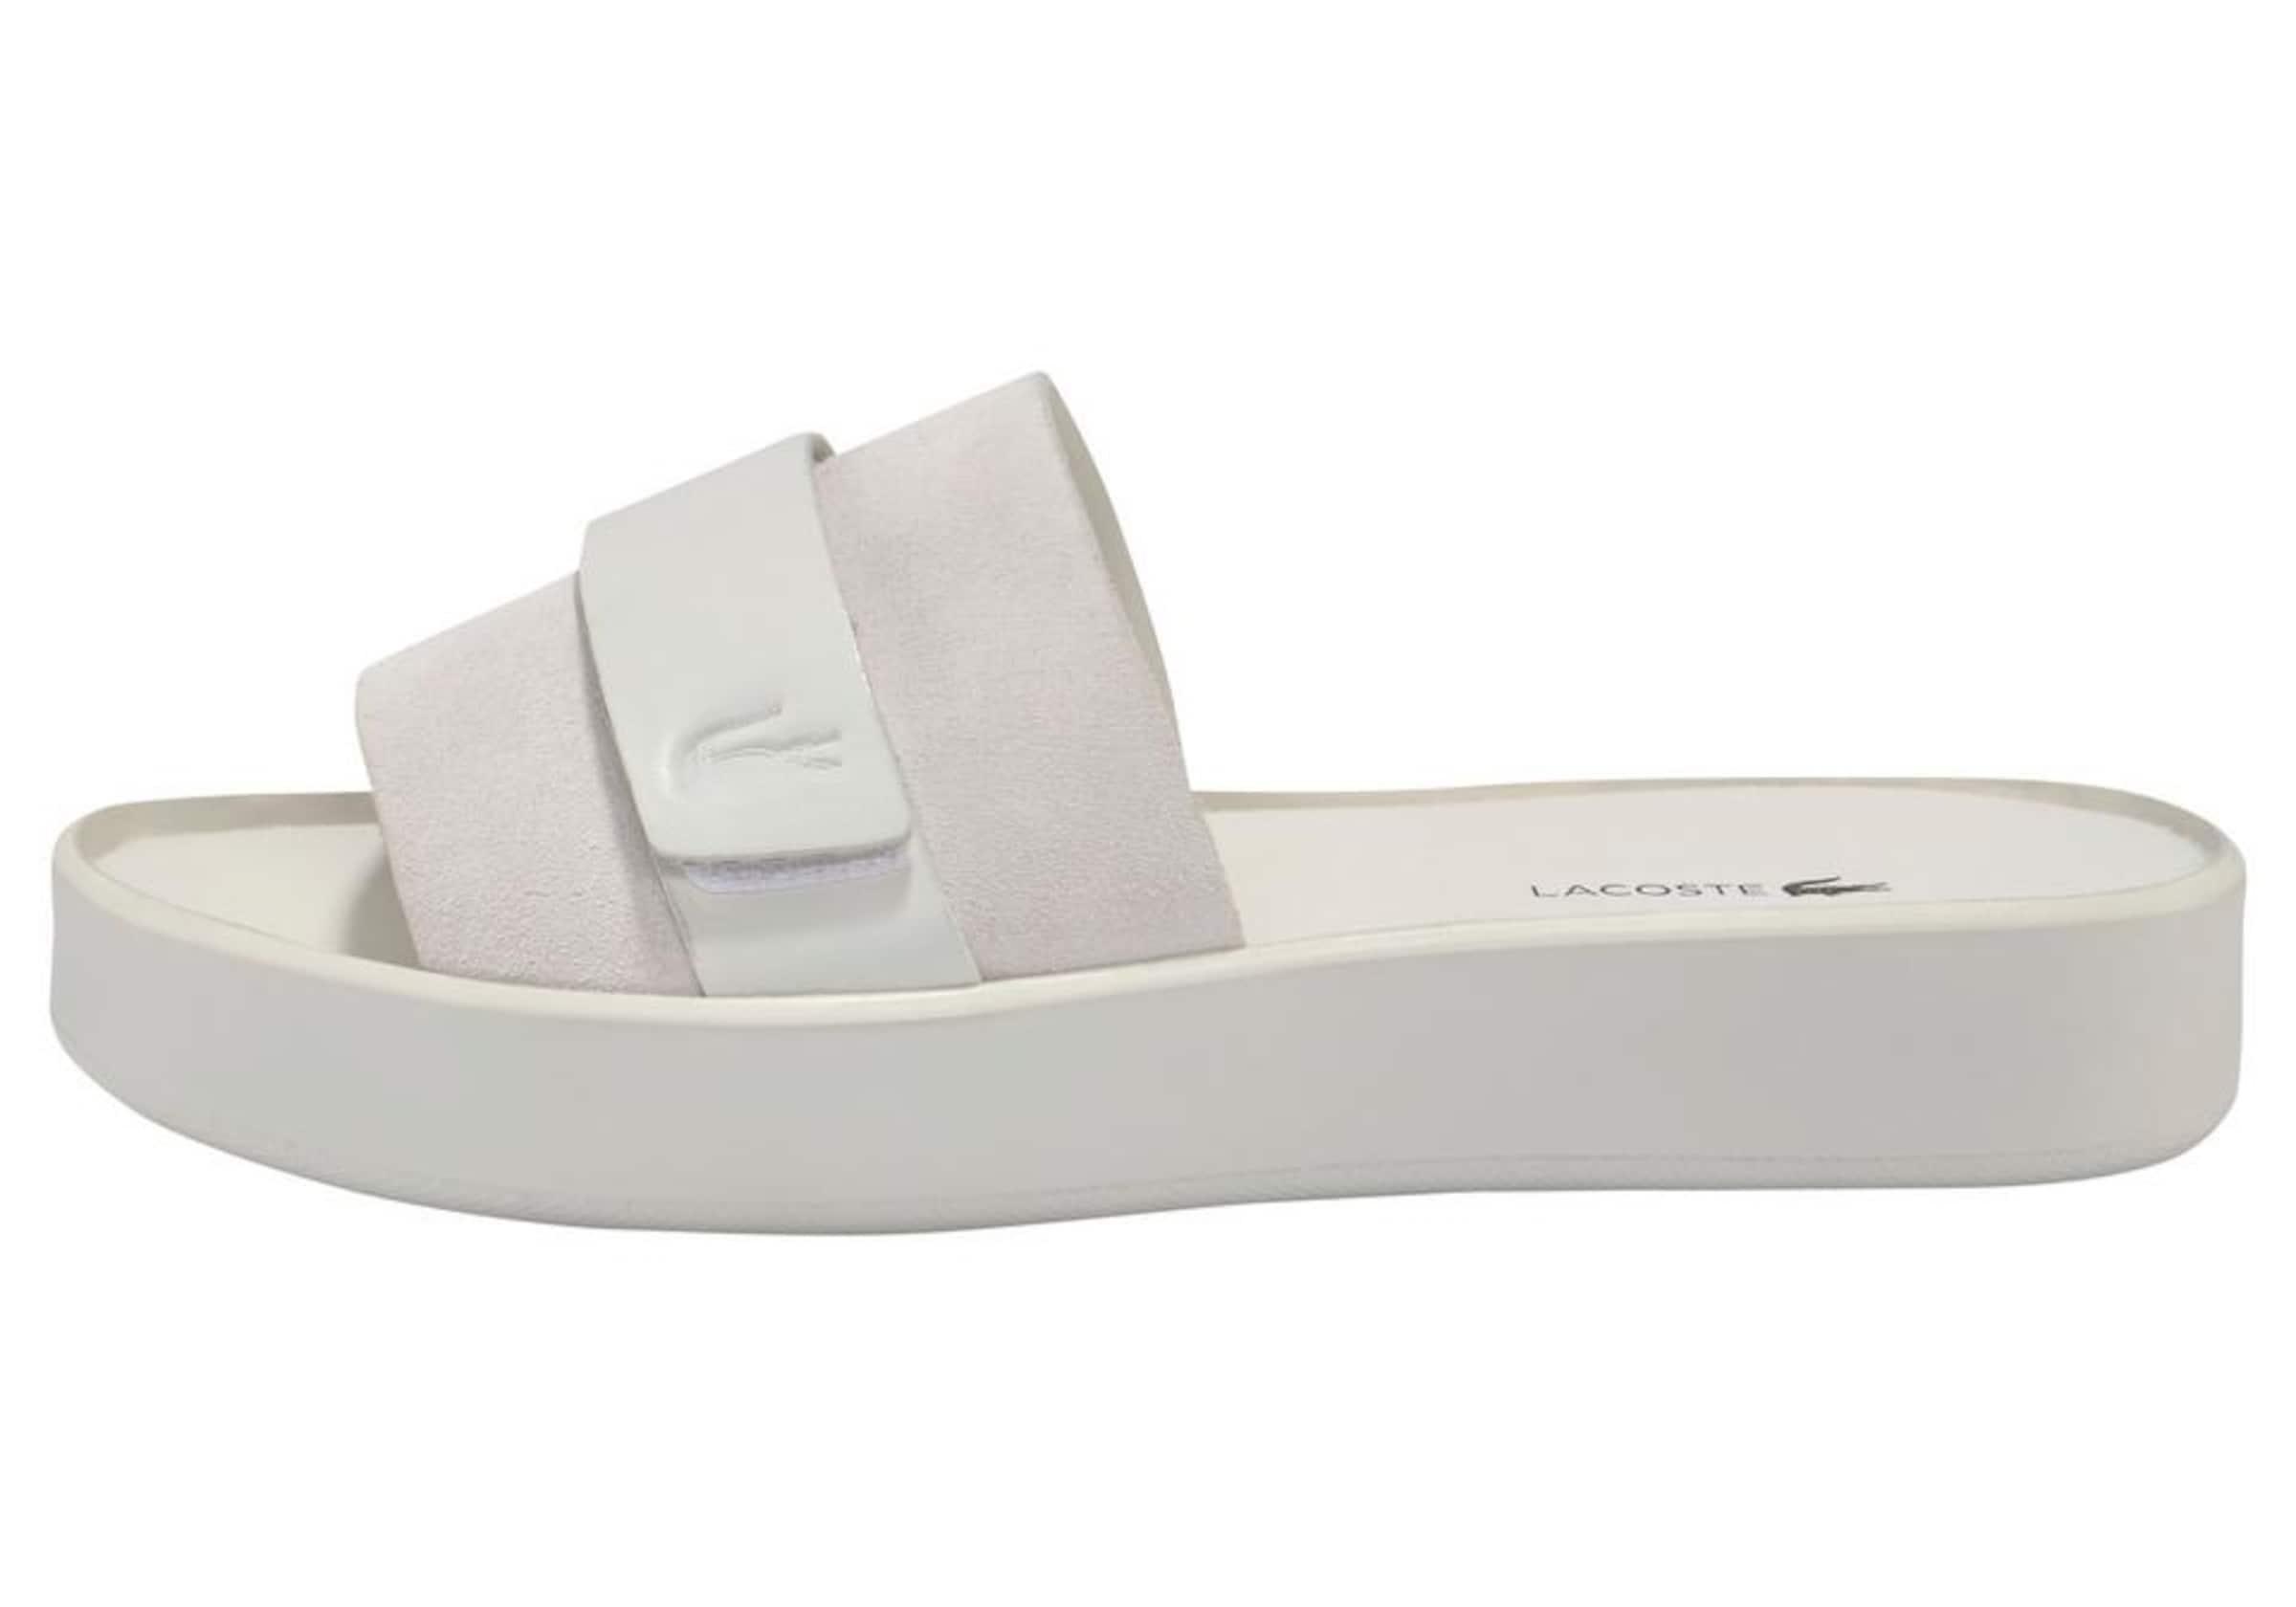 Lacoste Weiß Slide 1 119 'pirle Sneaker Cfa' In PkOn0w